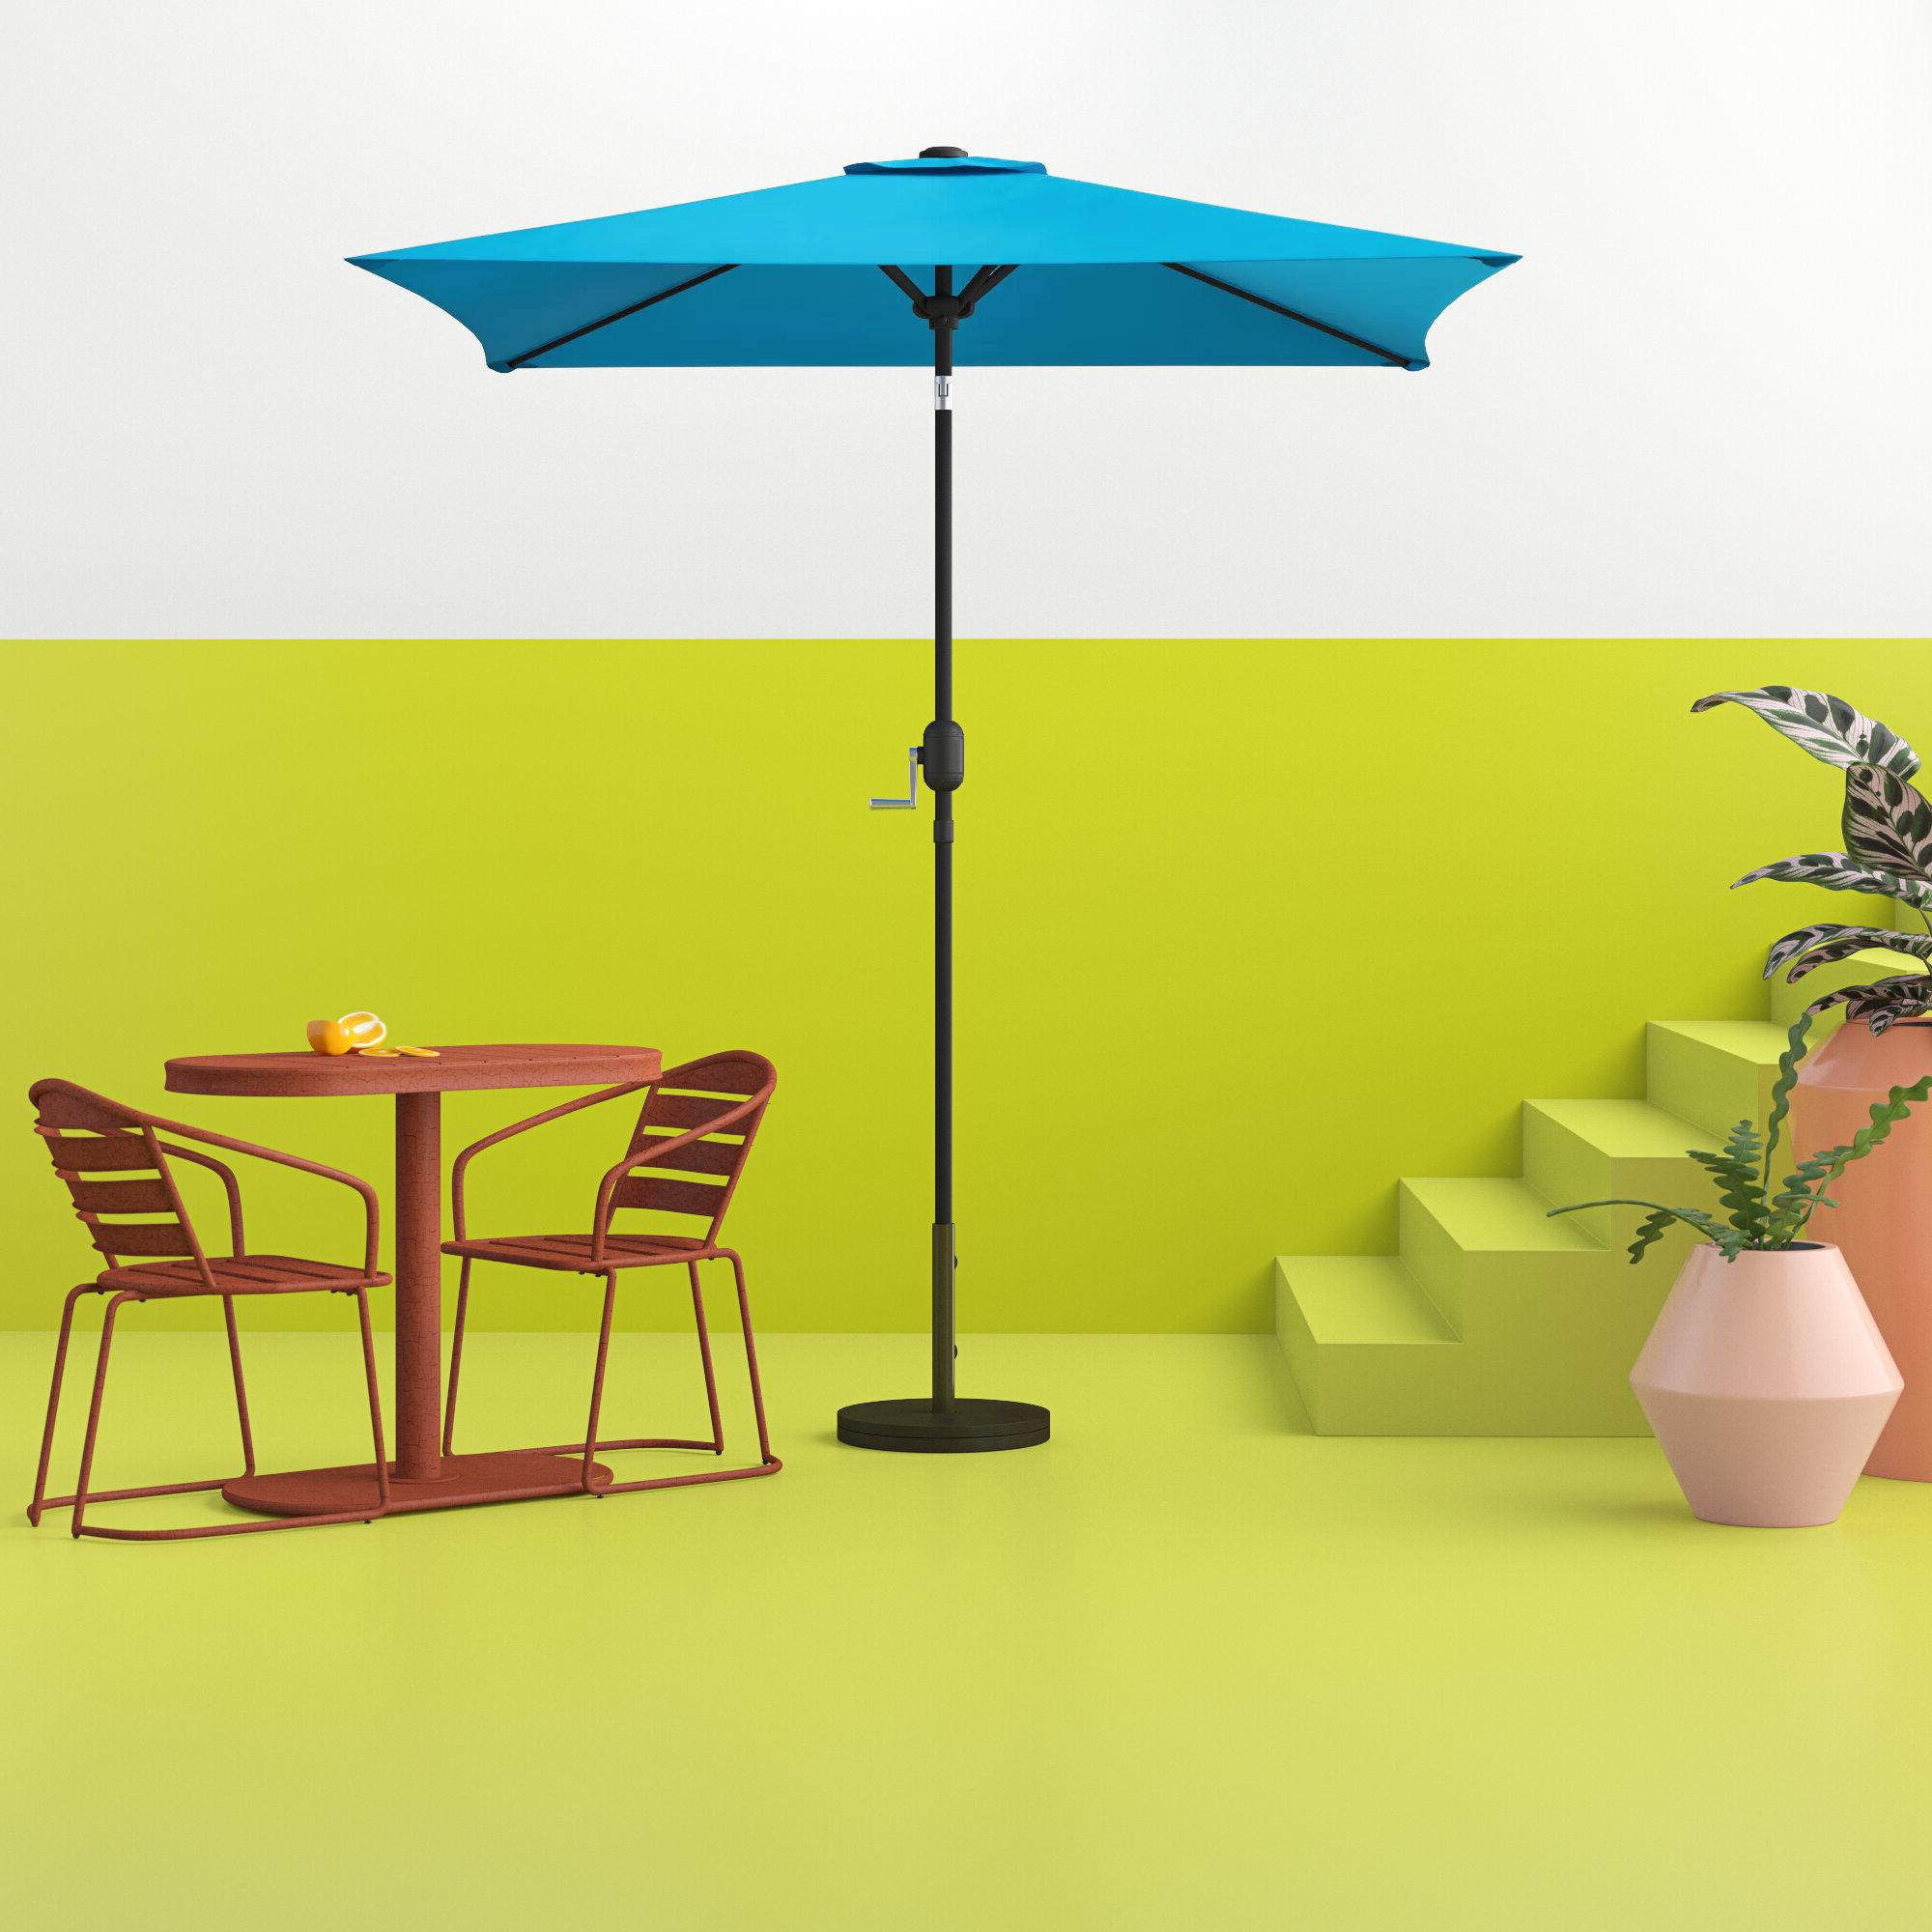 Bradford Patio 6.5' Square Market Umbrella In Most Popular Bradford Patio Market Umbrellas (Gallery 3 of 20)